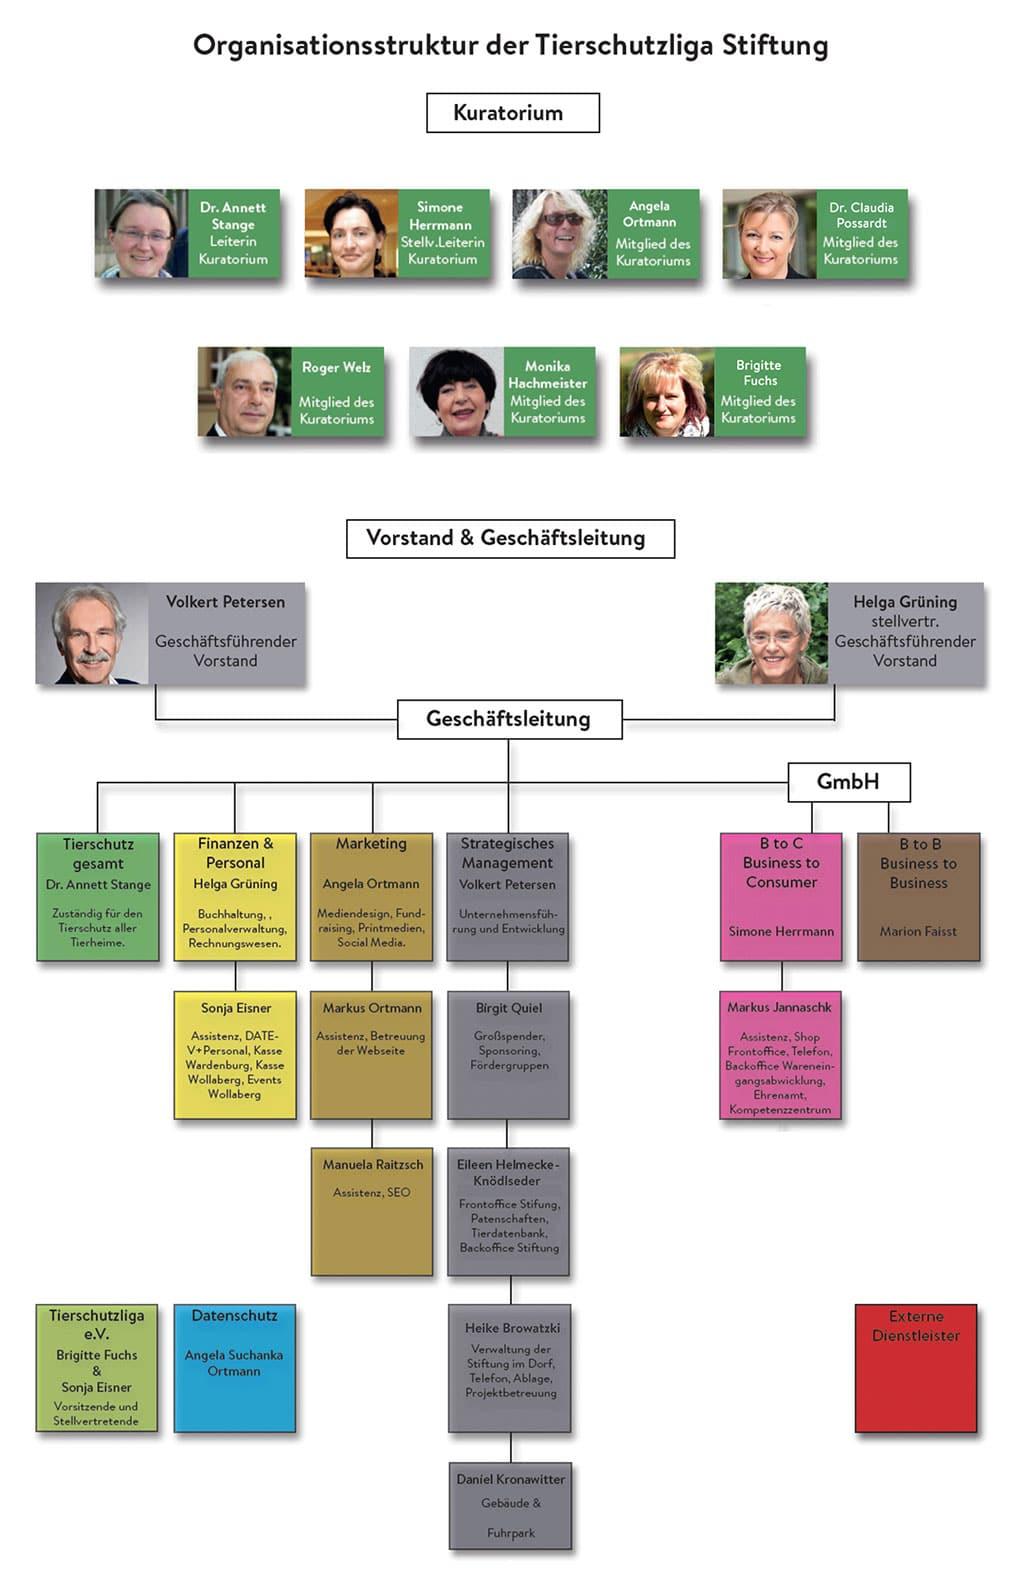 organigramm-tierschutzliga Organisationsstruktur Stiftung Tierschutzliga